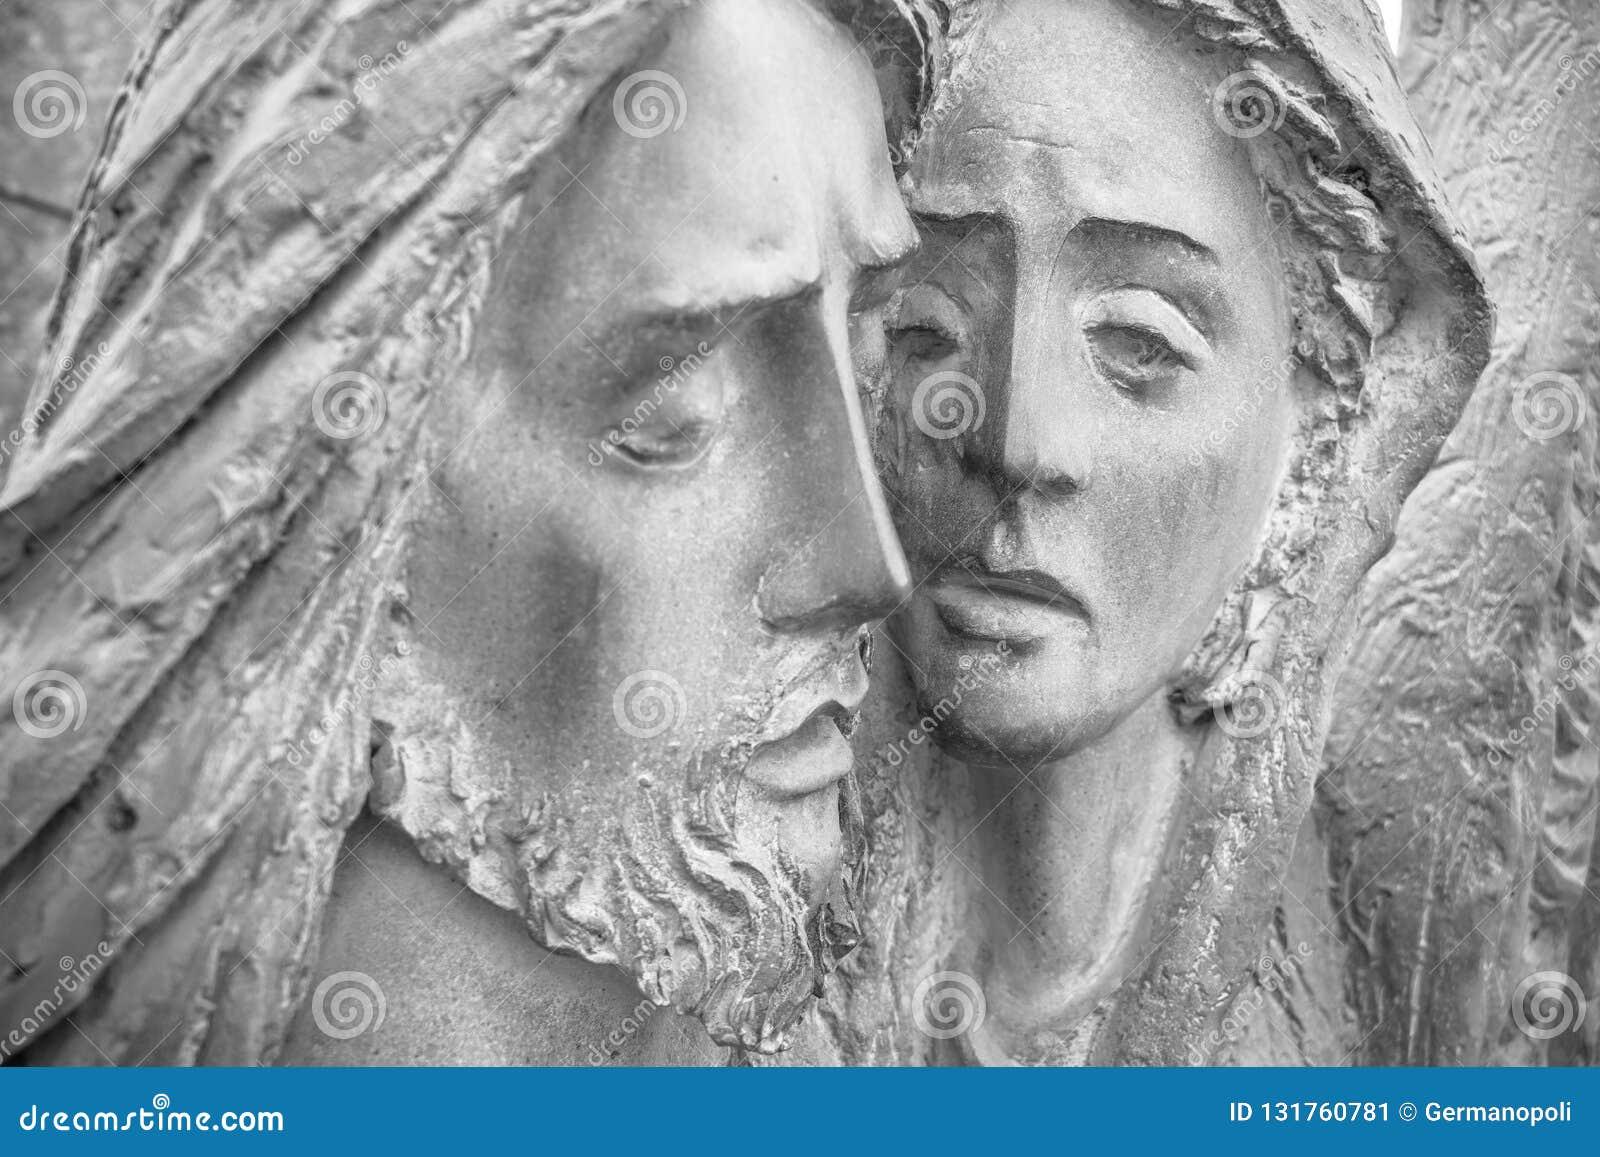 Barelief w brązie reprezentuje politowanie Michelangelo